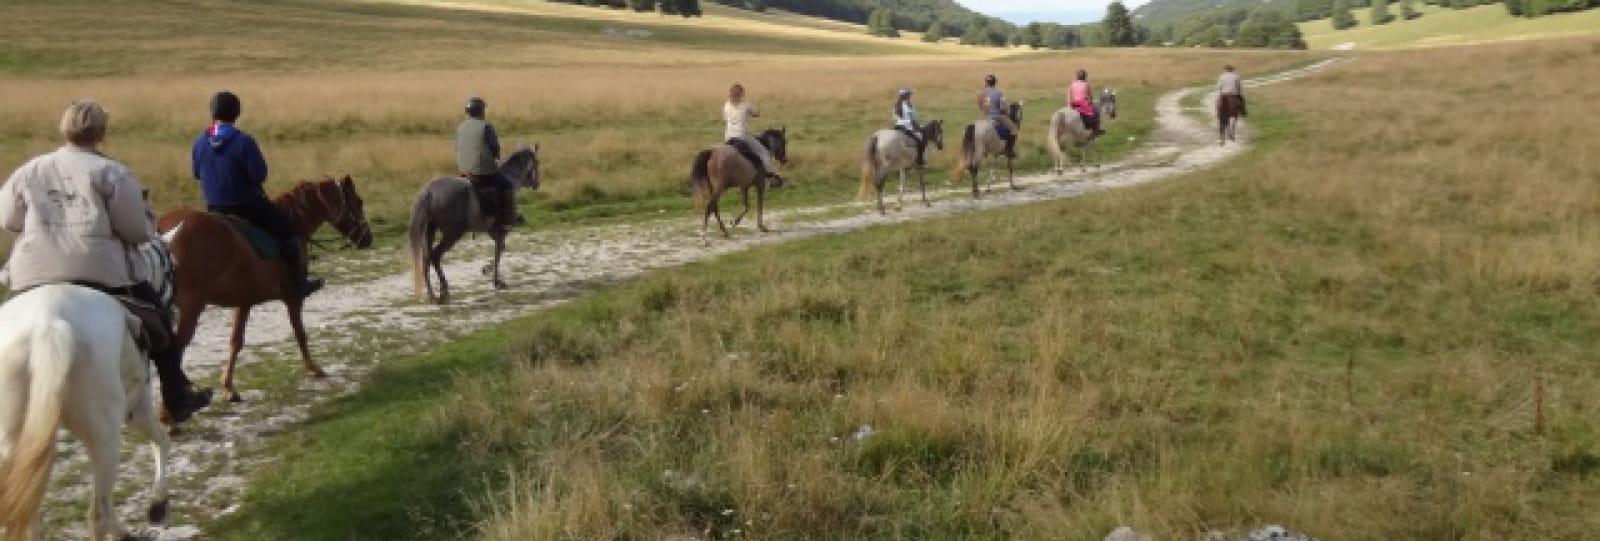 Randonnée et équitation avec le haras du Freysse